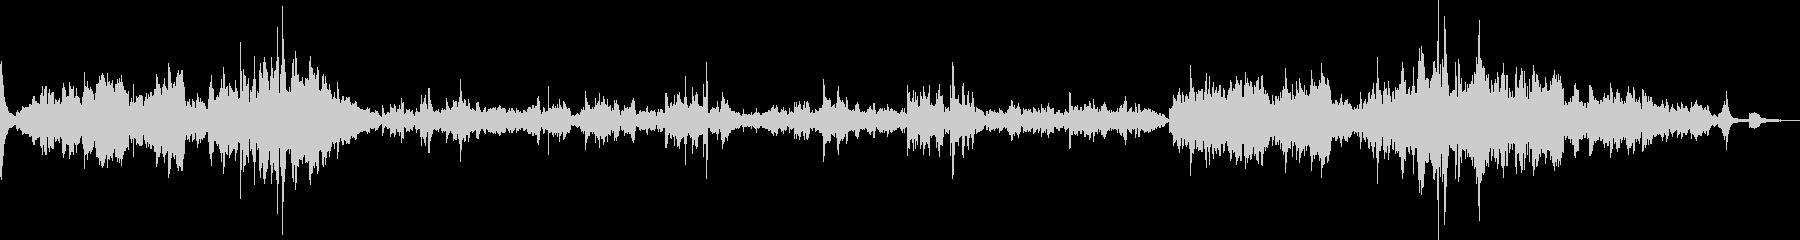 ショパン最大の有名曲の未再生の波形